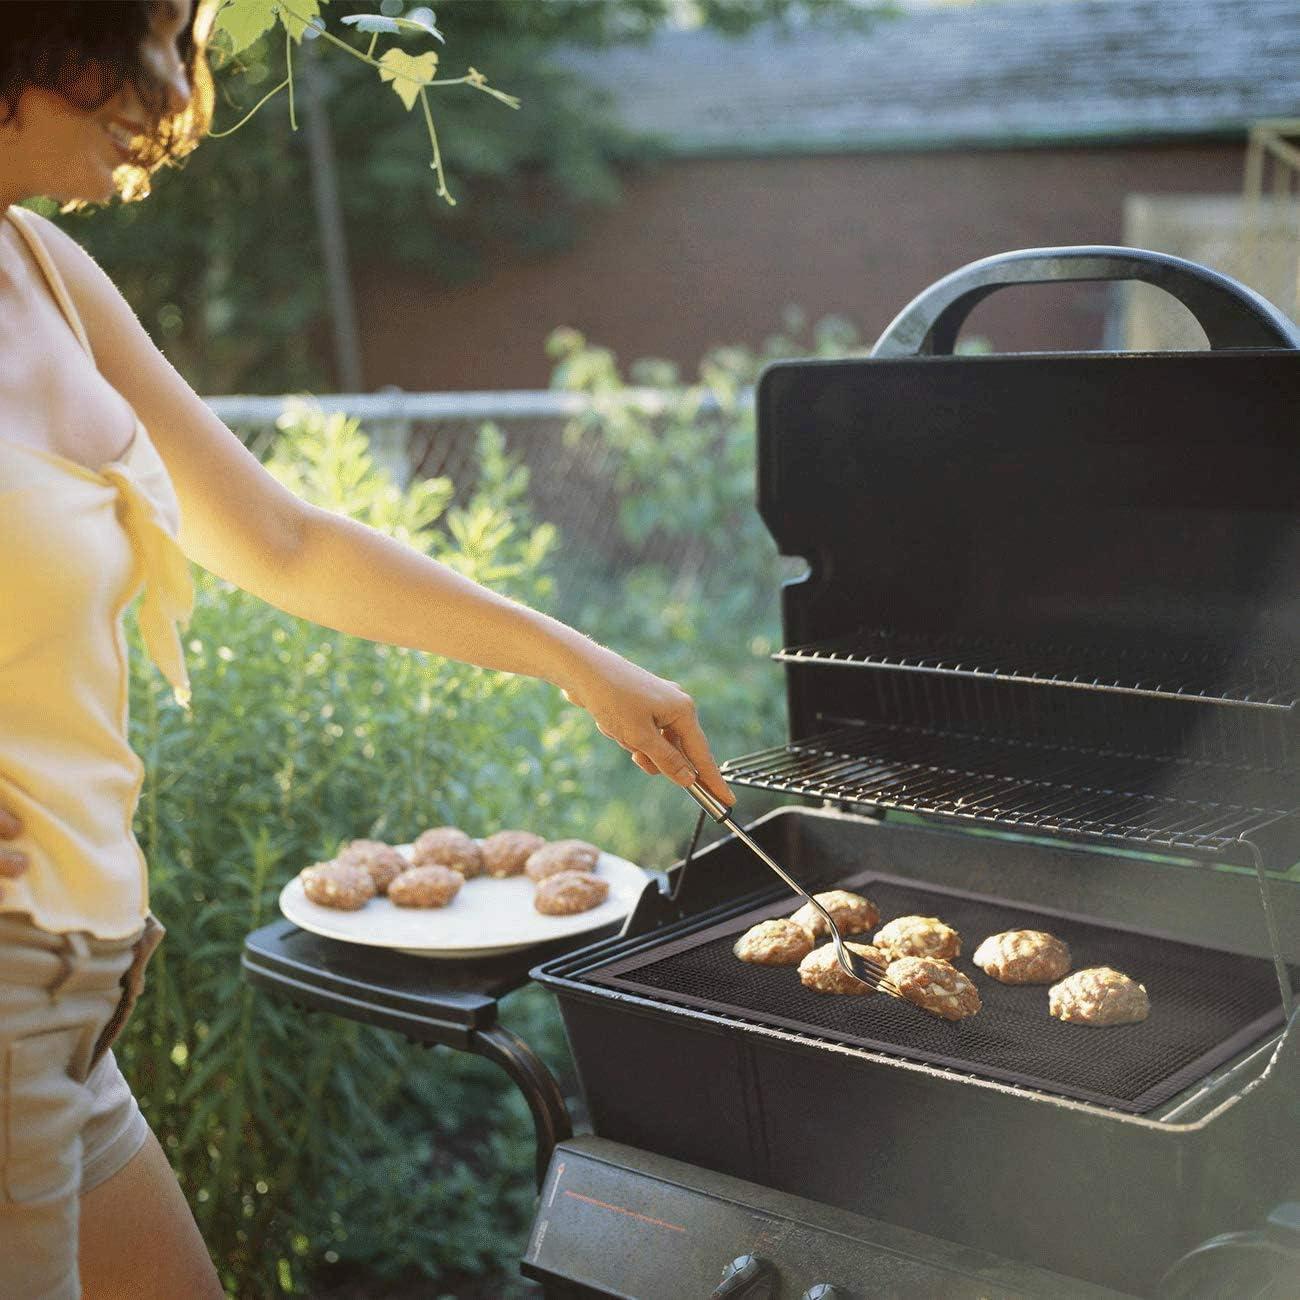 HHHAAA 5 Pièces Tapis Grille Barbecue, Filet Barbecue Tapis de Cuisson Réutilisable et Découpable Grille Anti-adhésif pour Yaourtières Barbecue Four Cuisson 40x33cm Noir